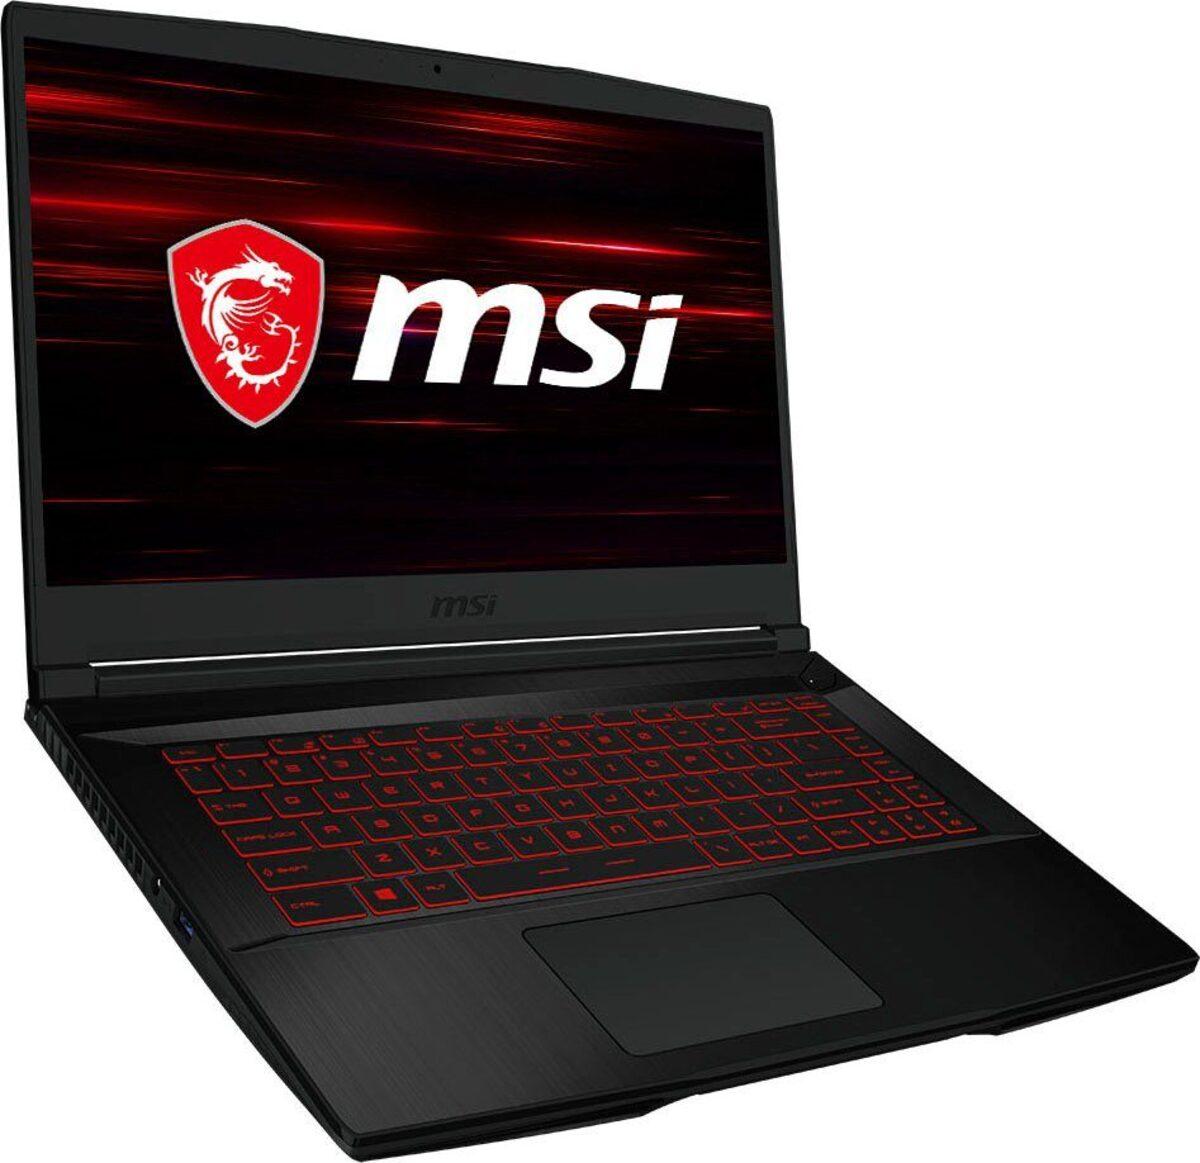 Bild 3 von MSI GF63 Thin 10SC-233 Notebook (39,6 cm/15,6 Zoll, Intel Core i5, GeForce GTX 1650, 512 GB SSD)